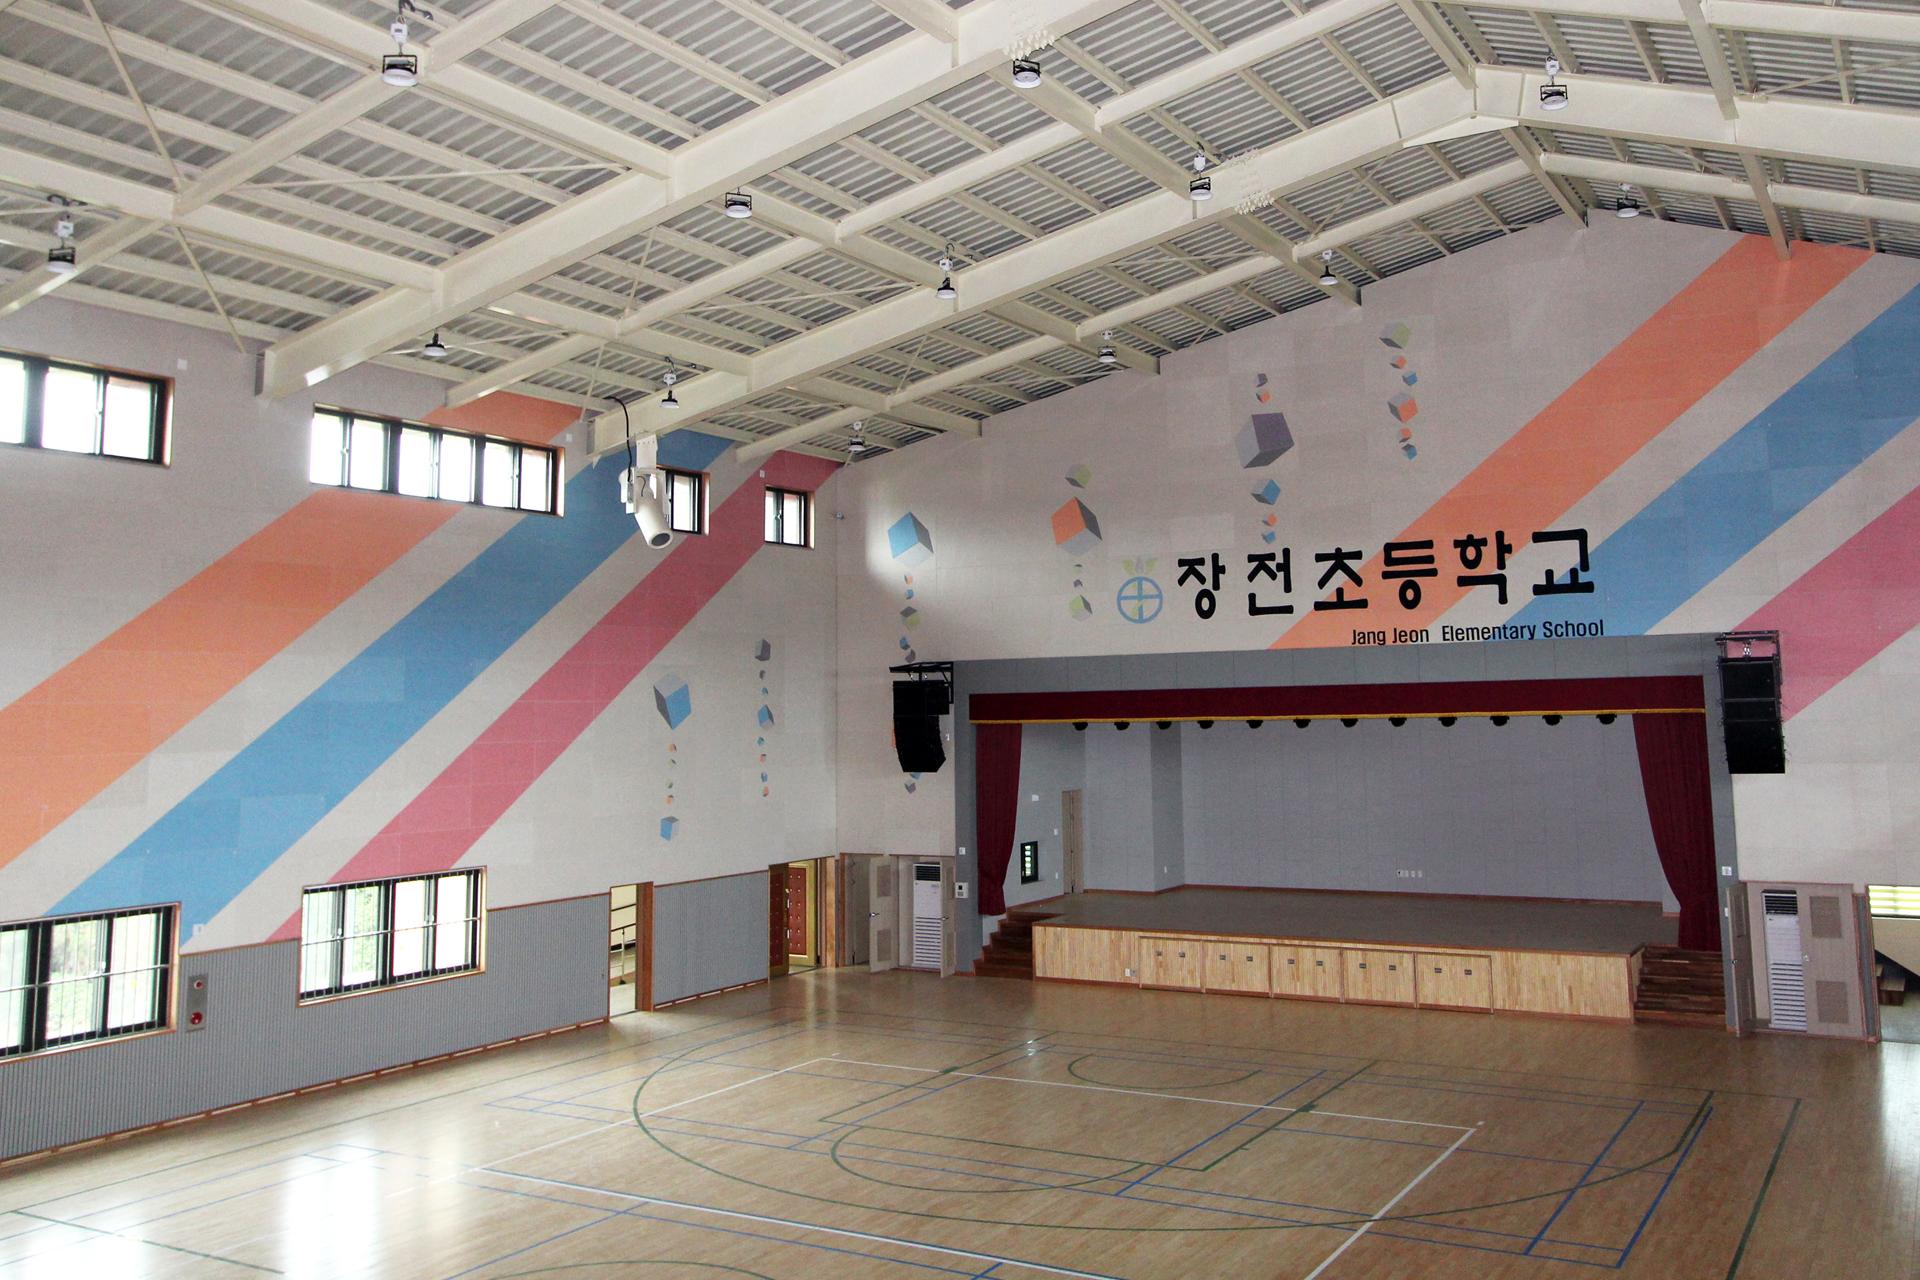 흡음재 시공 공사 - 경기도 용인시 남사스포츠센터 스피닝룸